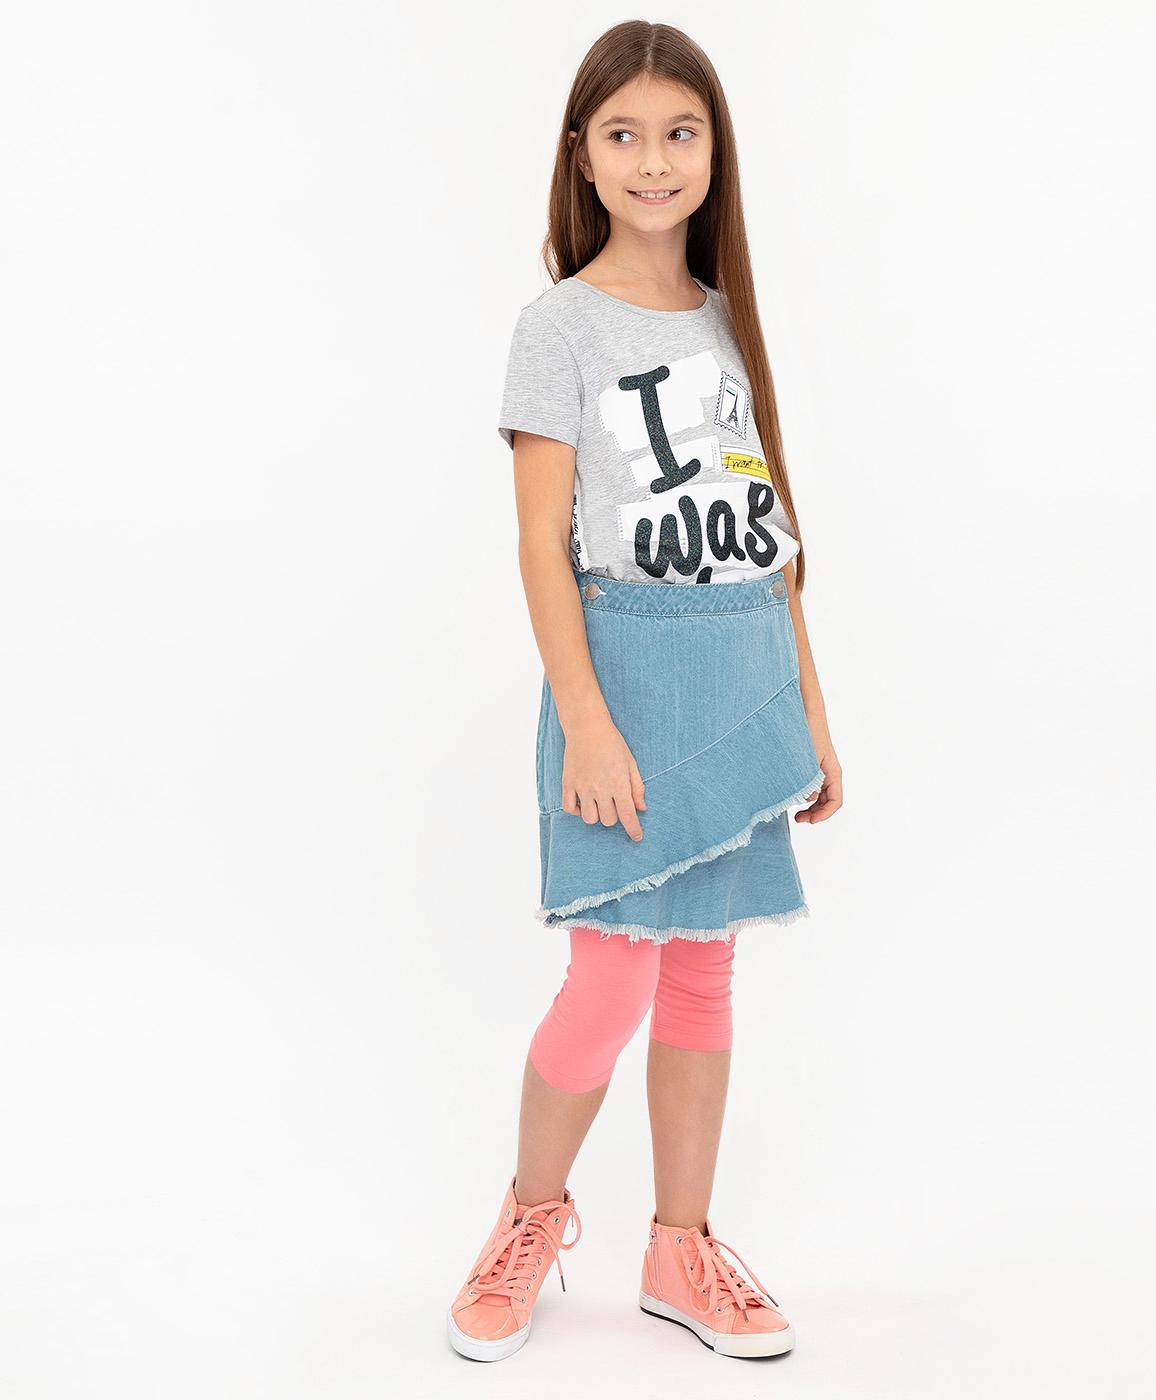 Купить 120BBGC6103D200, Джинсовая юбка Button Blue, голубой, 98, Женский, ВЕСНА/ЛЕТО 2020 (shop: GulliverMarket Gulliver Market)